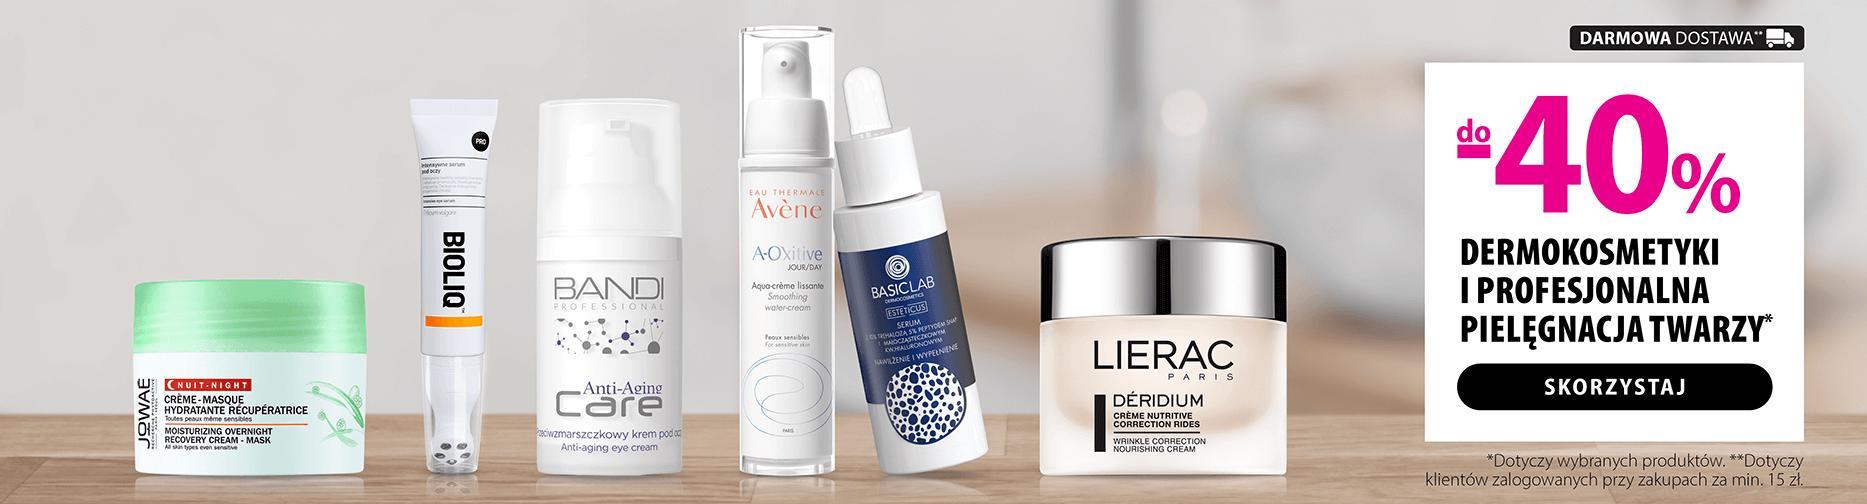 Hebe: do 40% zniżki na dermokosmetyki i kosmetyki do pielęgnacji twarzy